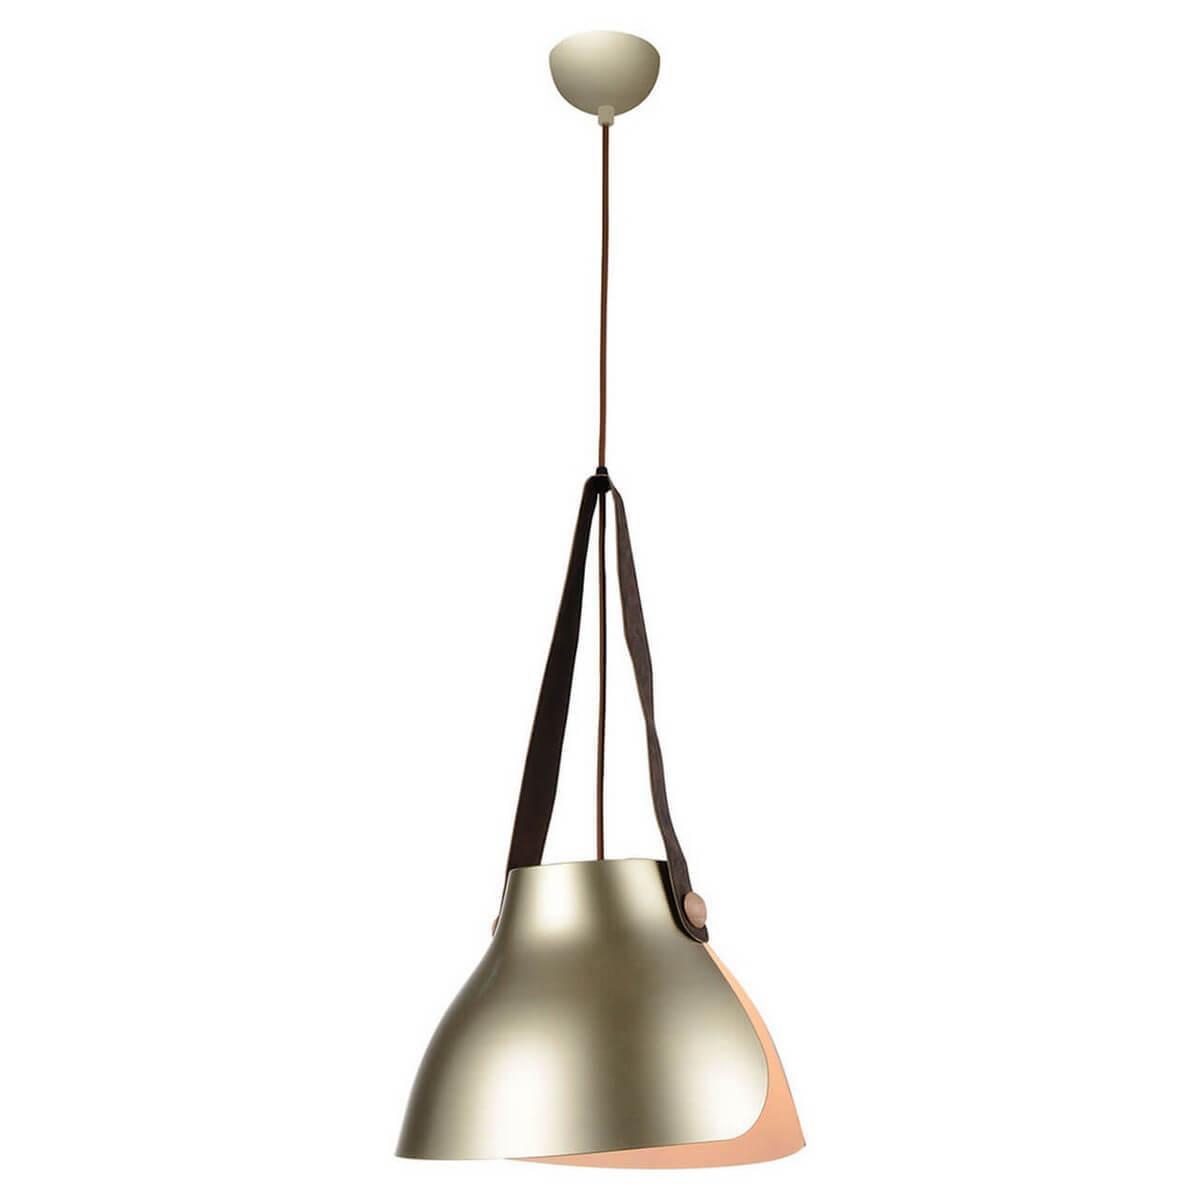 Подвесной светильник Lussole LOFT GRLSP-9843, E27, 11 Вт подвесной светильник lussole grlsp 9678 коричневый